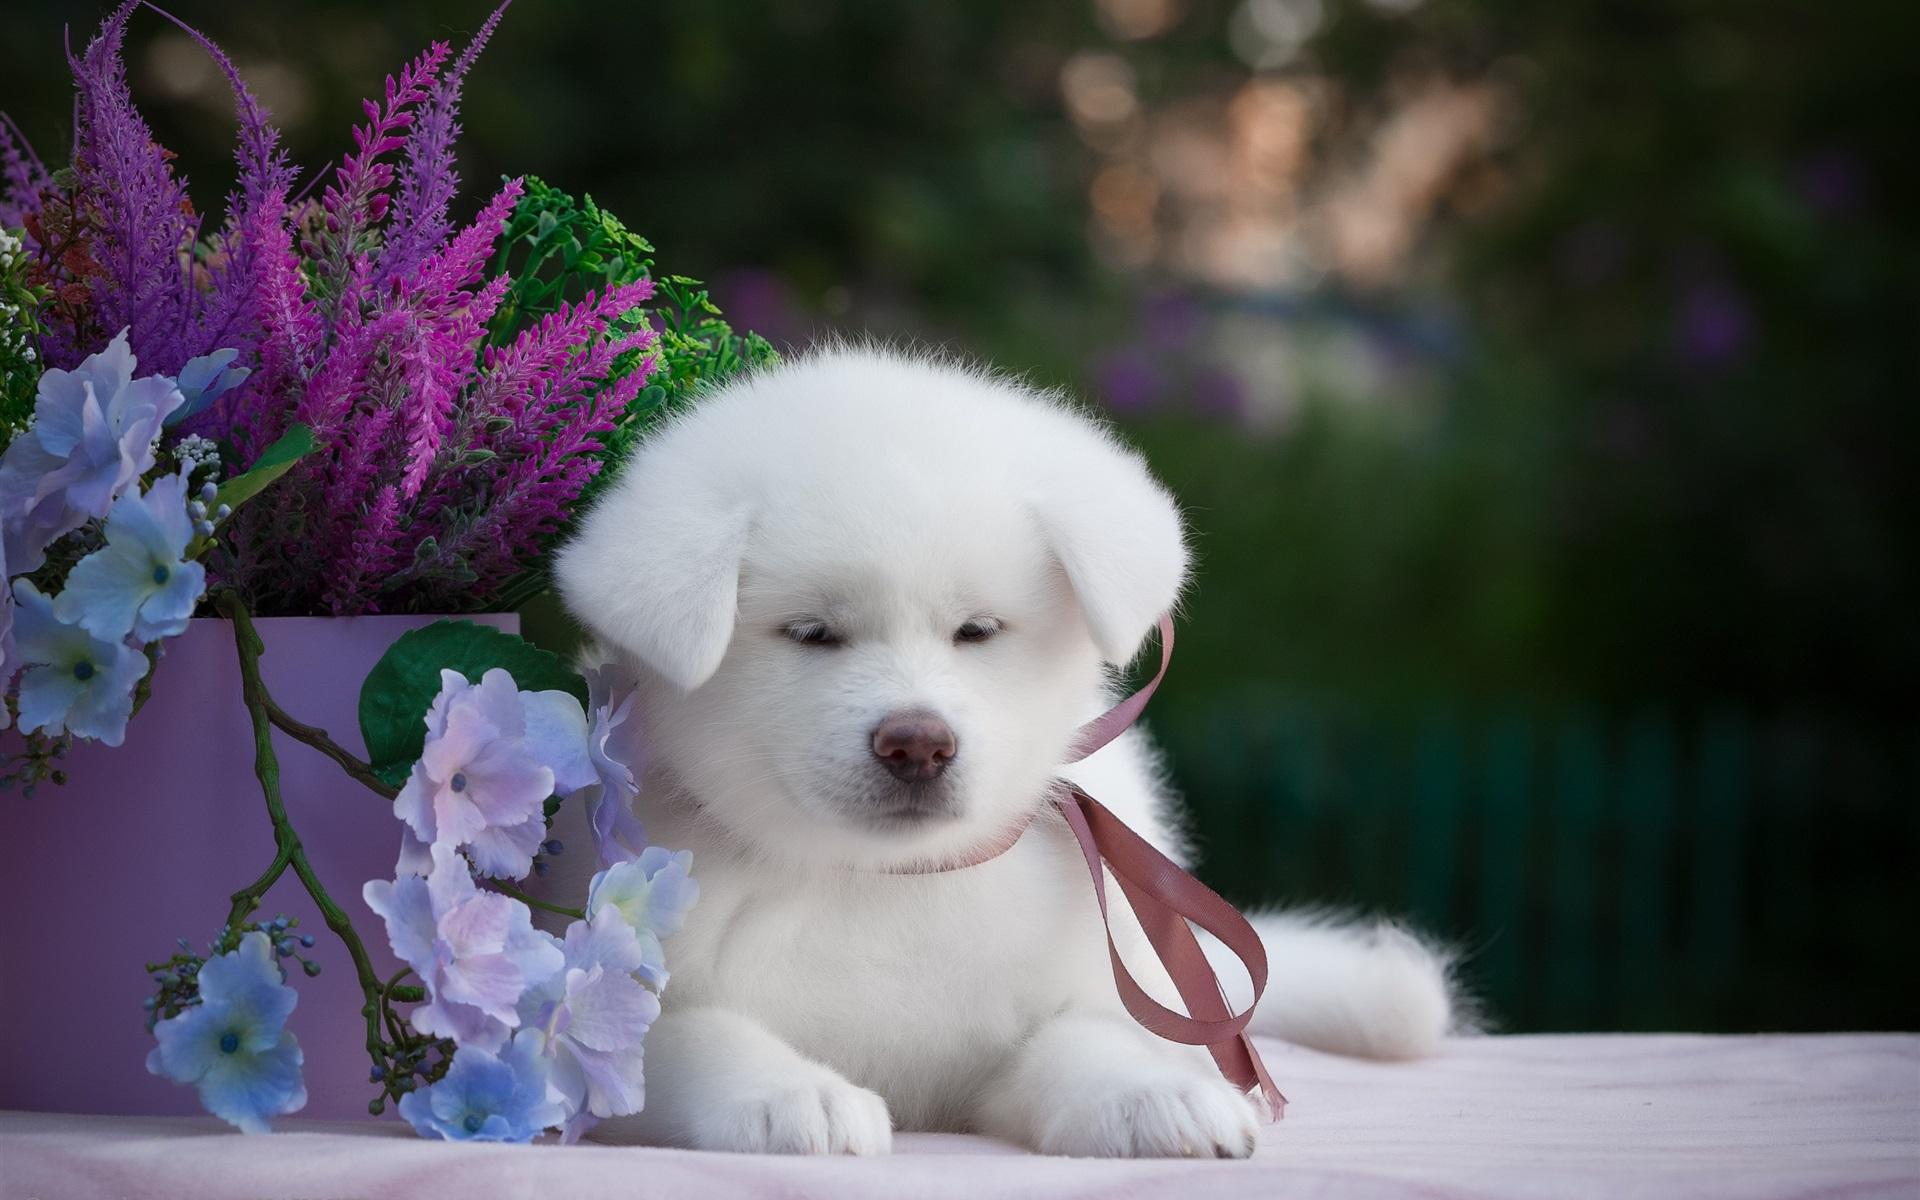 щенок и цветы картинки они все разные